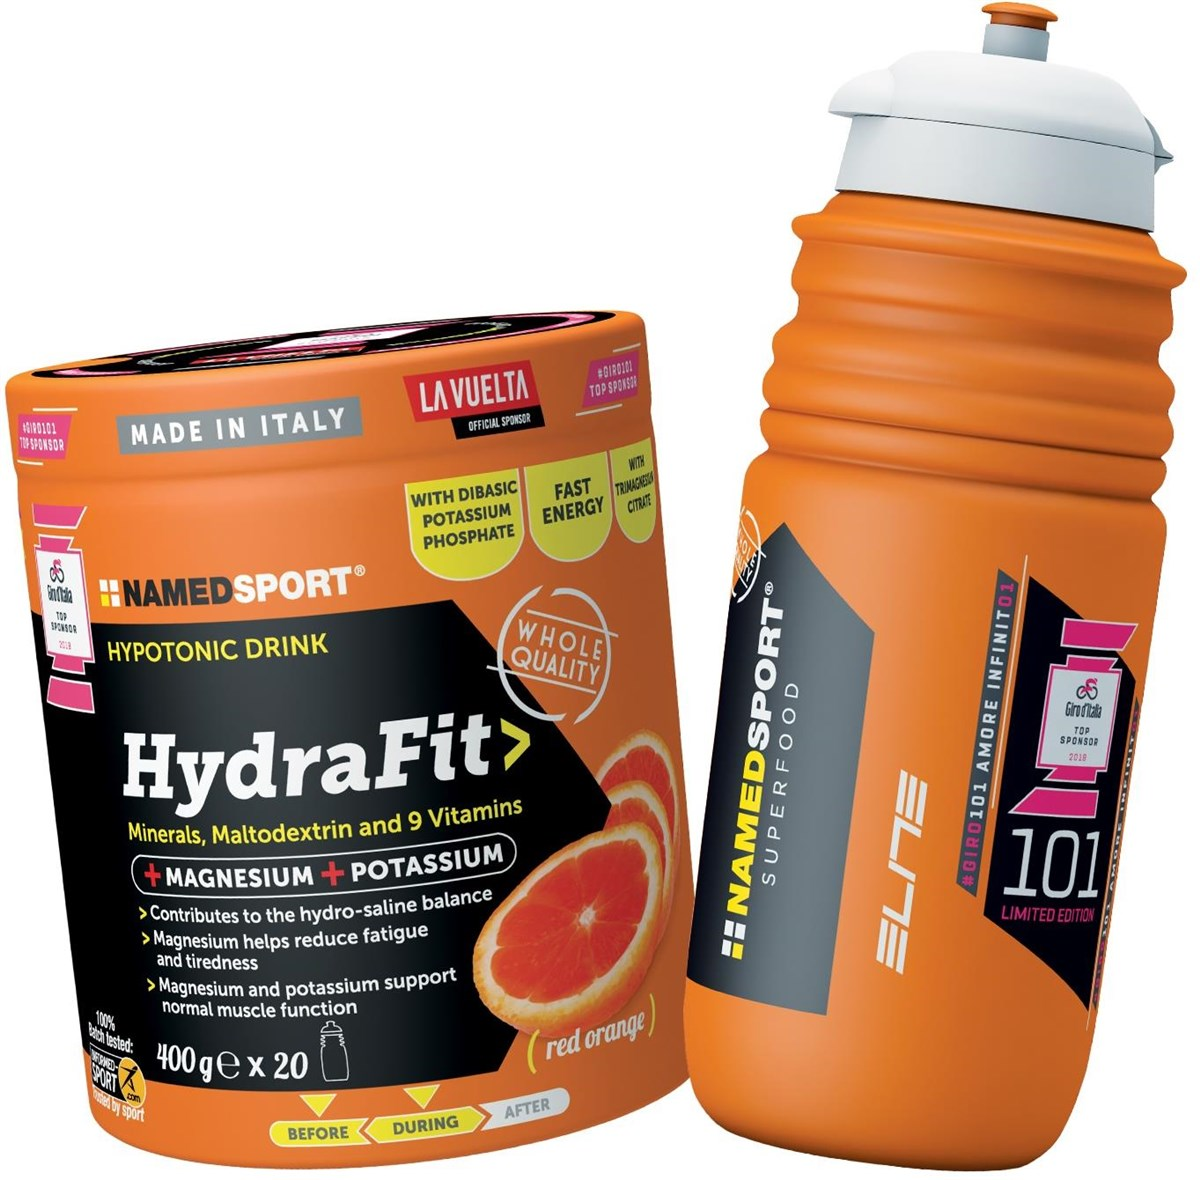 Namedsport Hydrafit 400g + Sports Bottle | Bottles